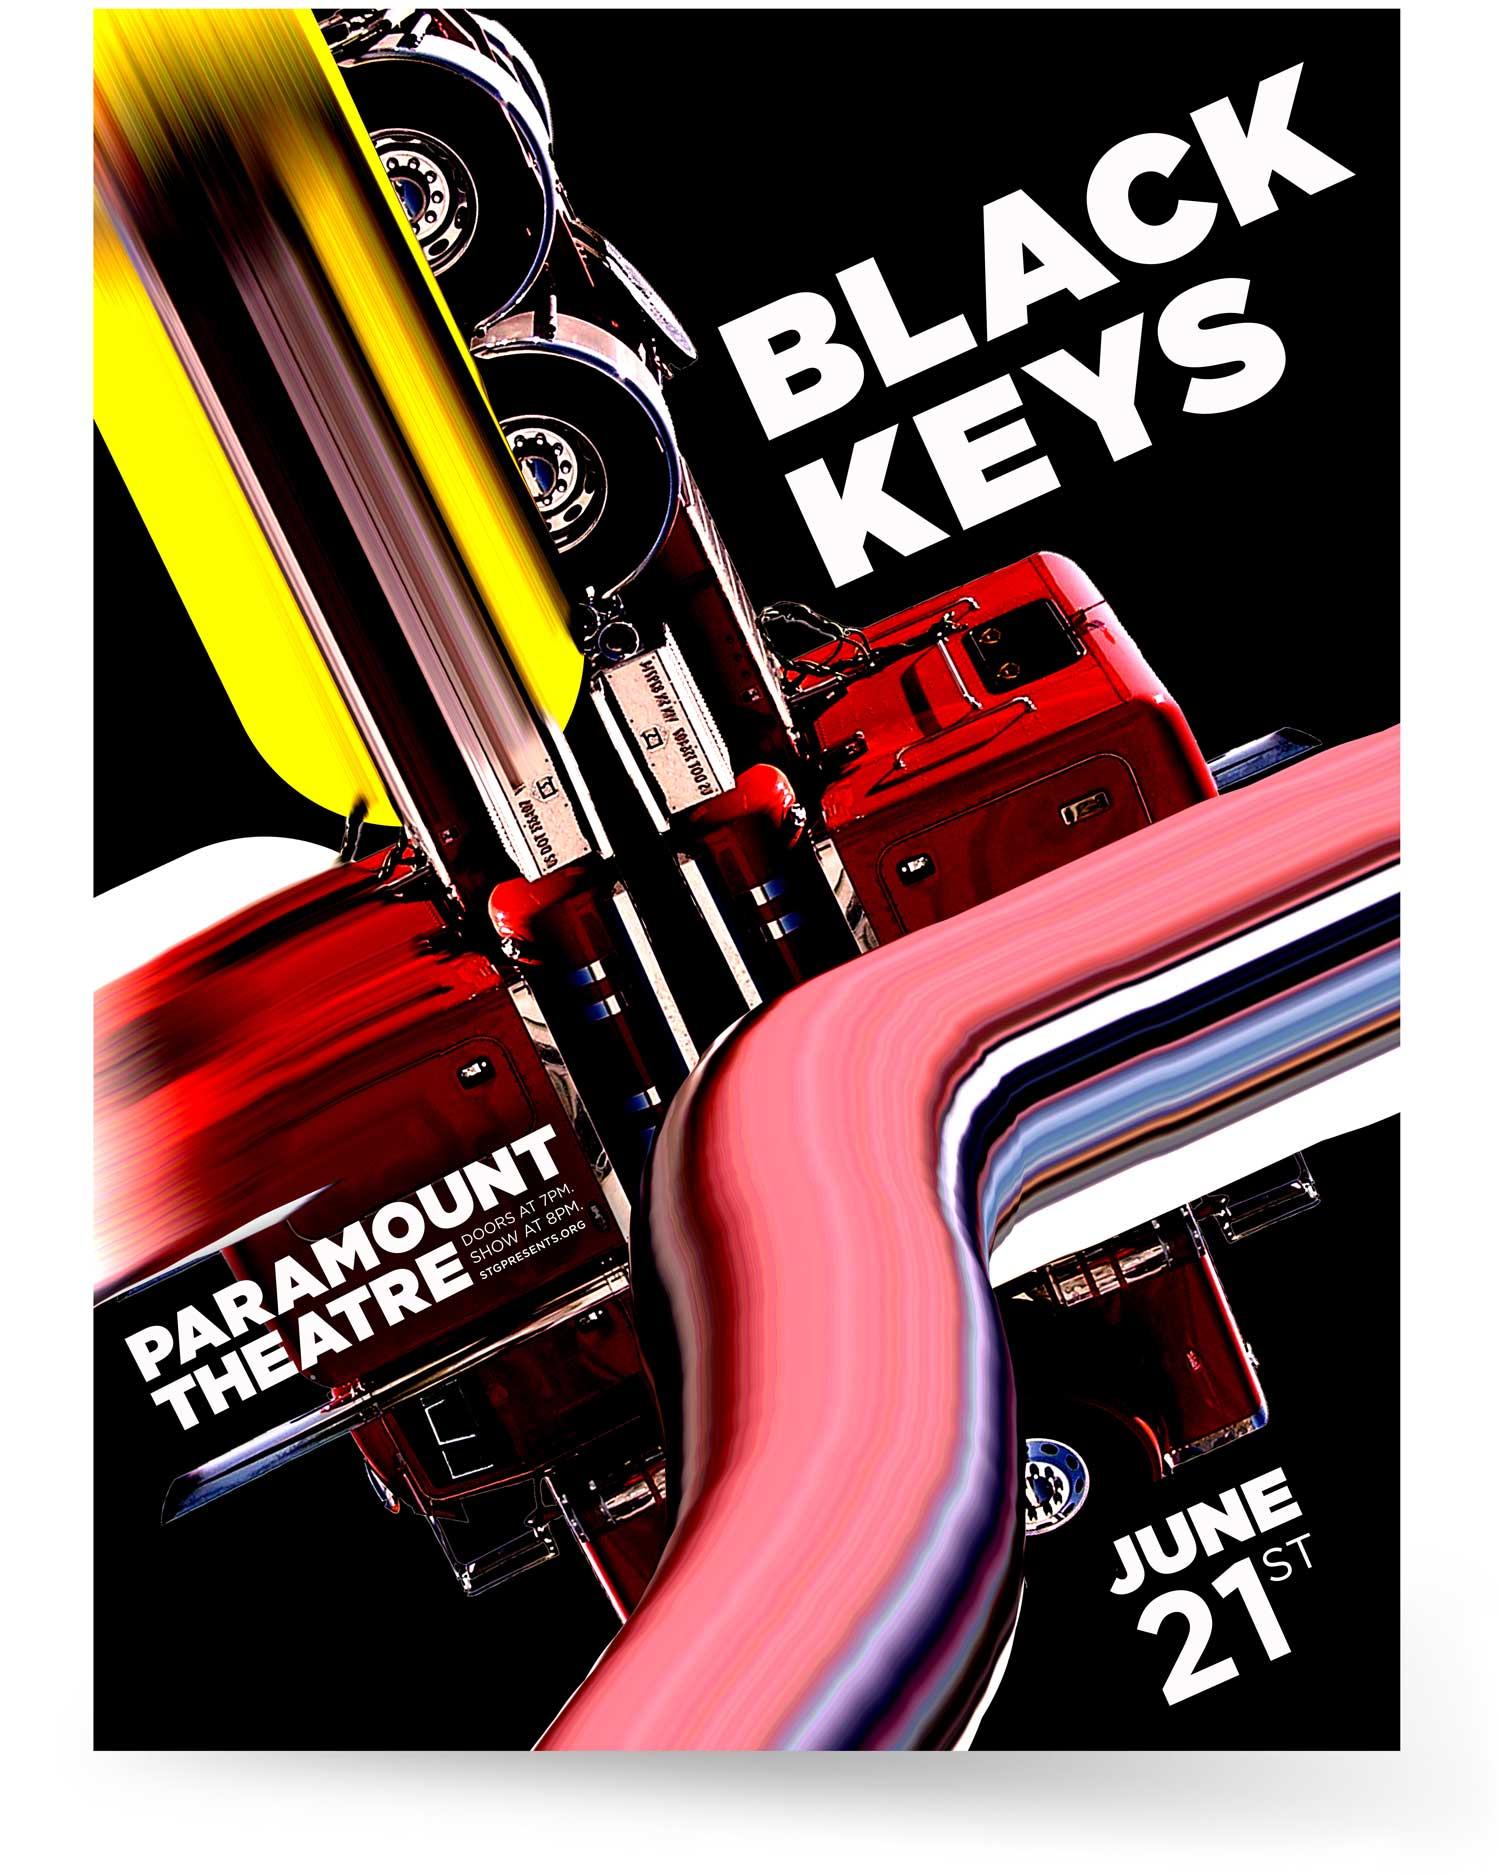 blk-keys